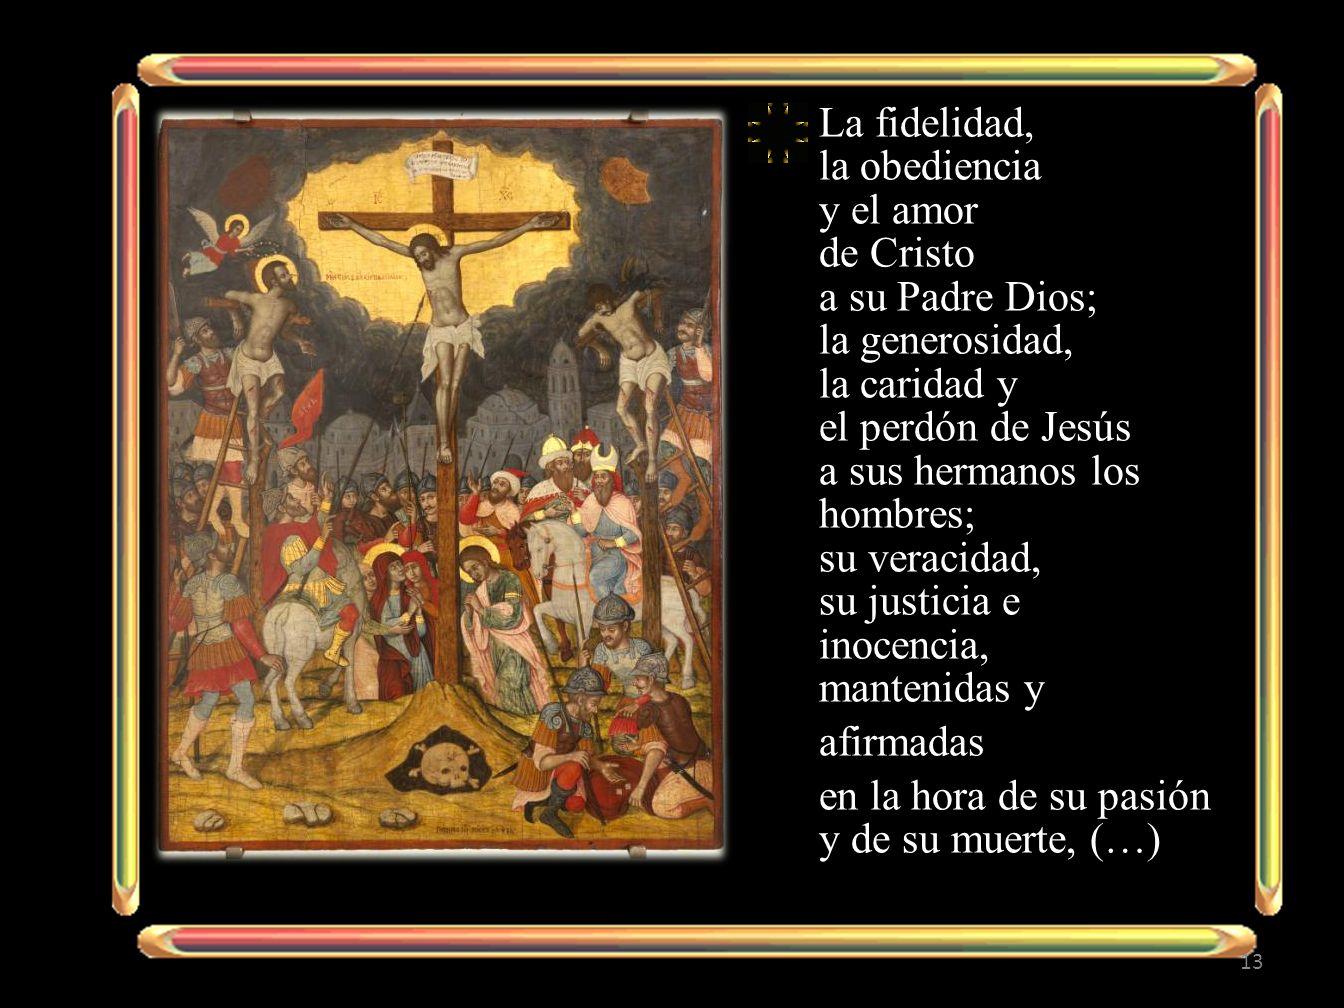 La fidelidad, la obediencia y el amor de Cristo a su Padre Dios; la generosidad, la caridad y el perdón de Jesús a sus hermanos los hombres; su veracidad, su justicia e inocencia, mantenidas y